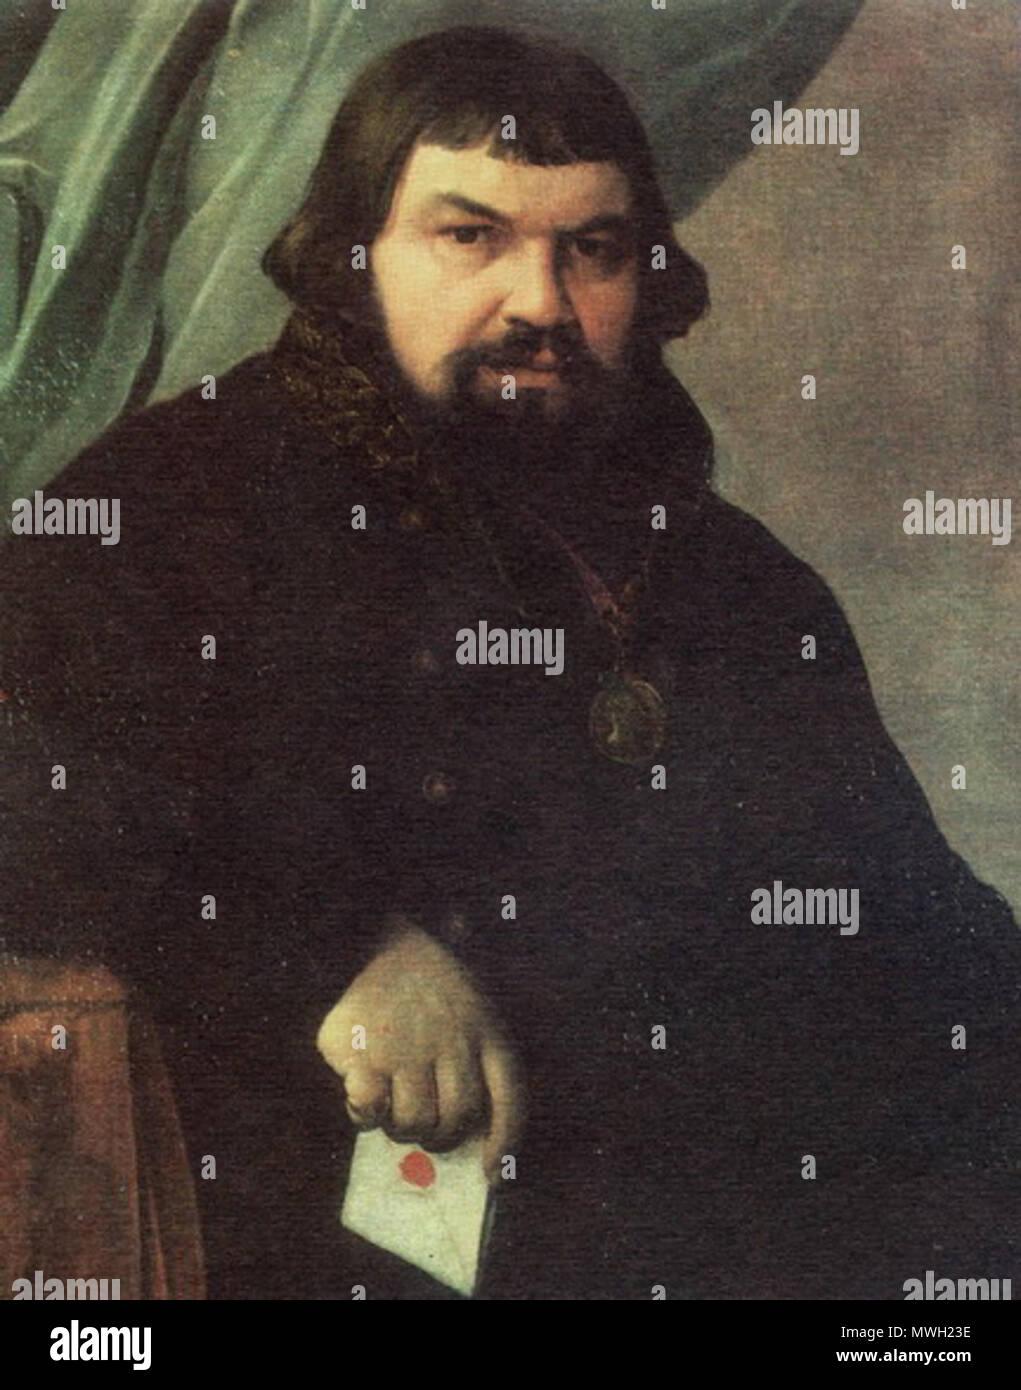 . Alexey Venetsianov. Portrait of the Merchant Obraztsov. 1830s. Oil on canvas. 1830s. Venetsianov 451 Obraztsov by Venetsianov - Stock Image